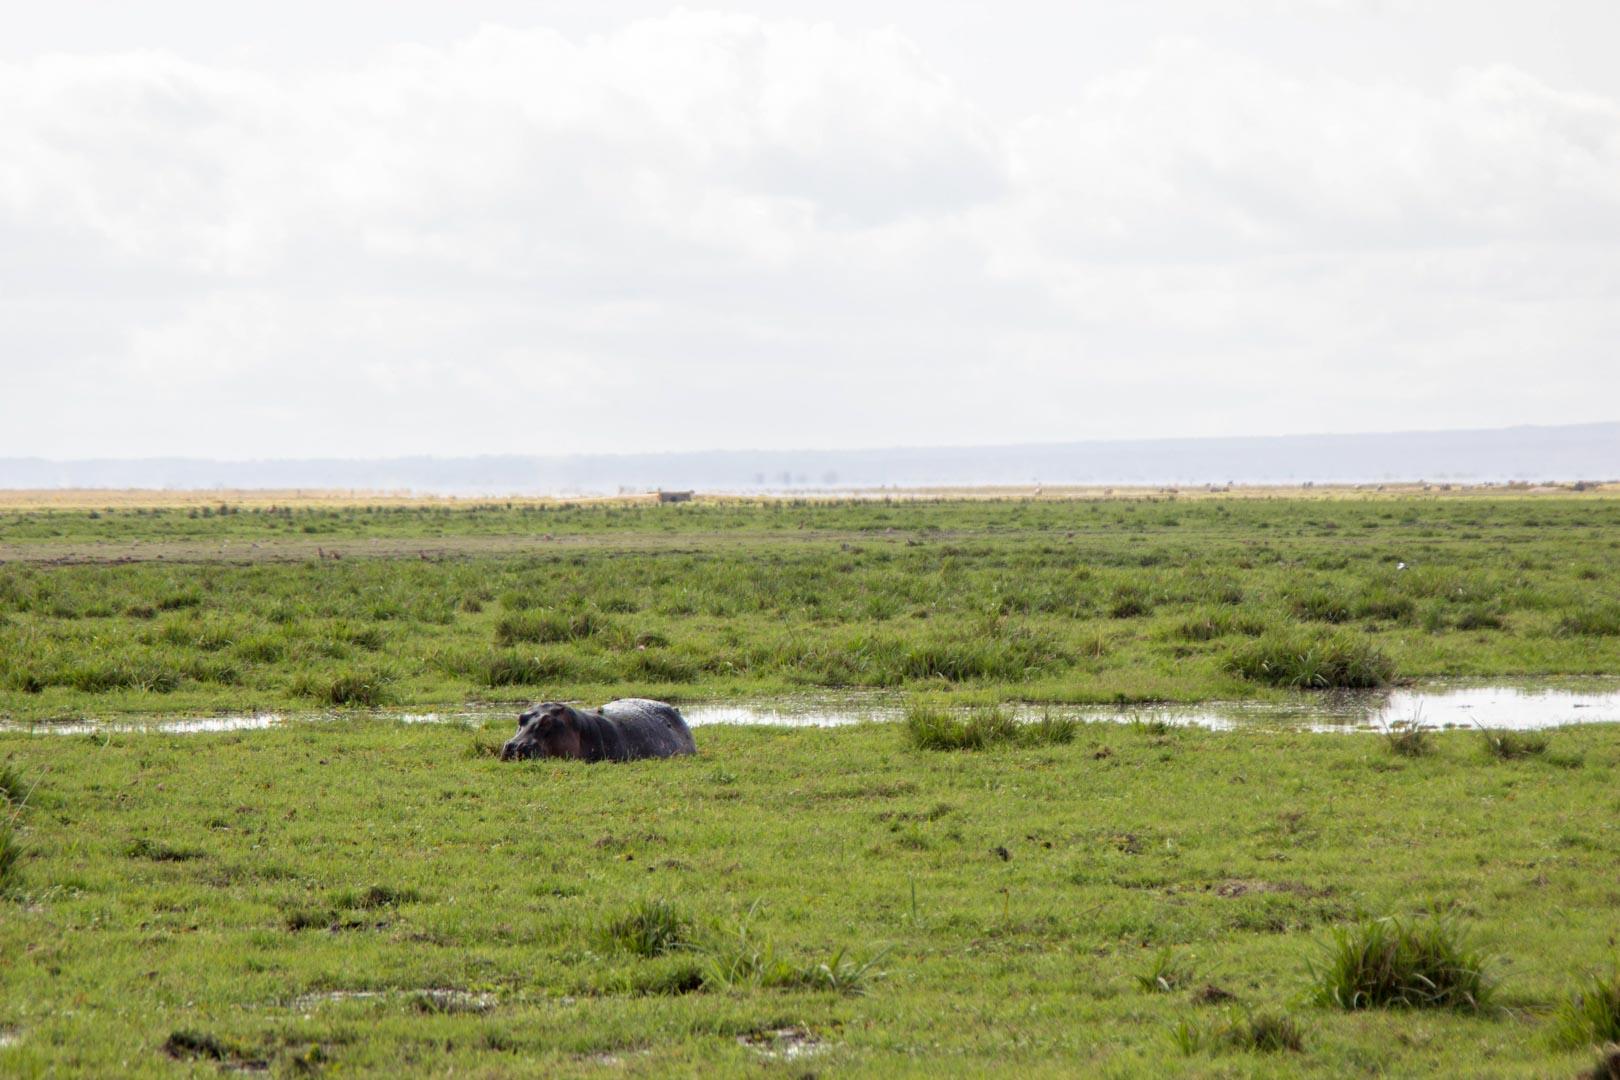 Hipopótamo en Amboseli, Kenia